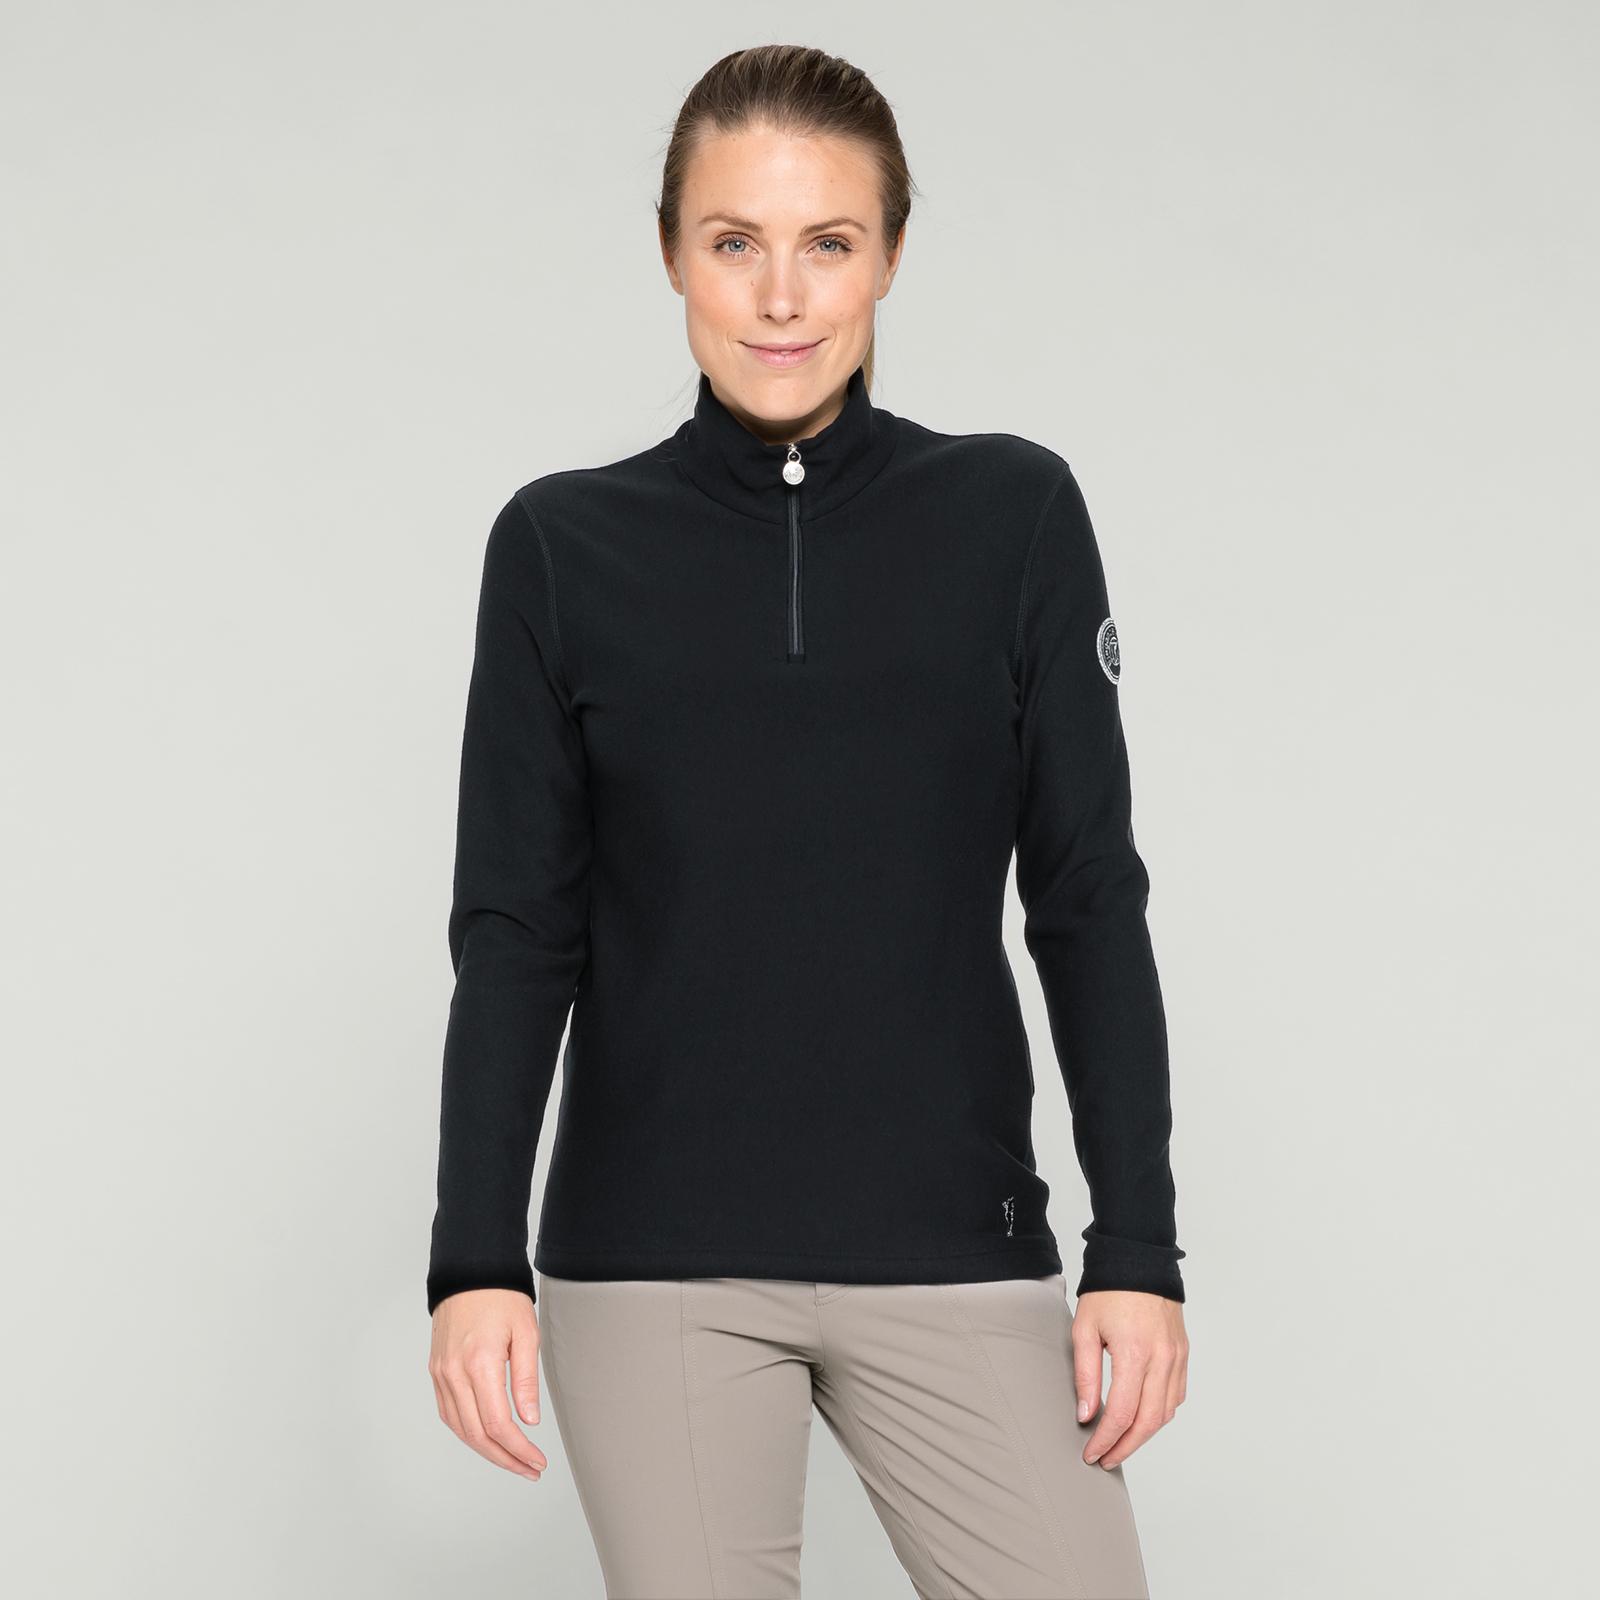 Weicher Damen Sweater aus nachhaltigem Naturfaser-Mix